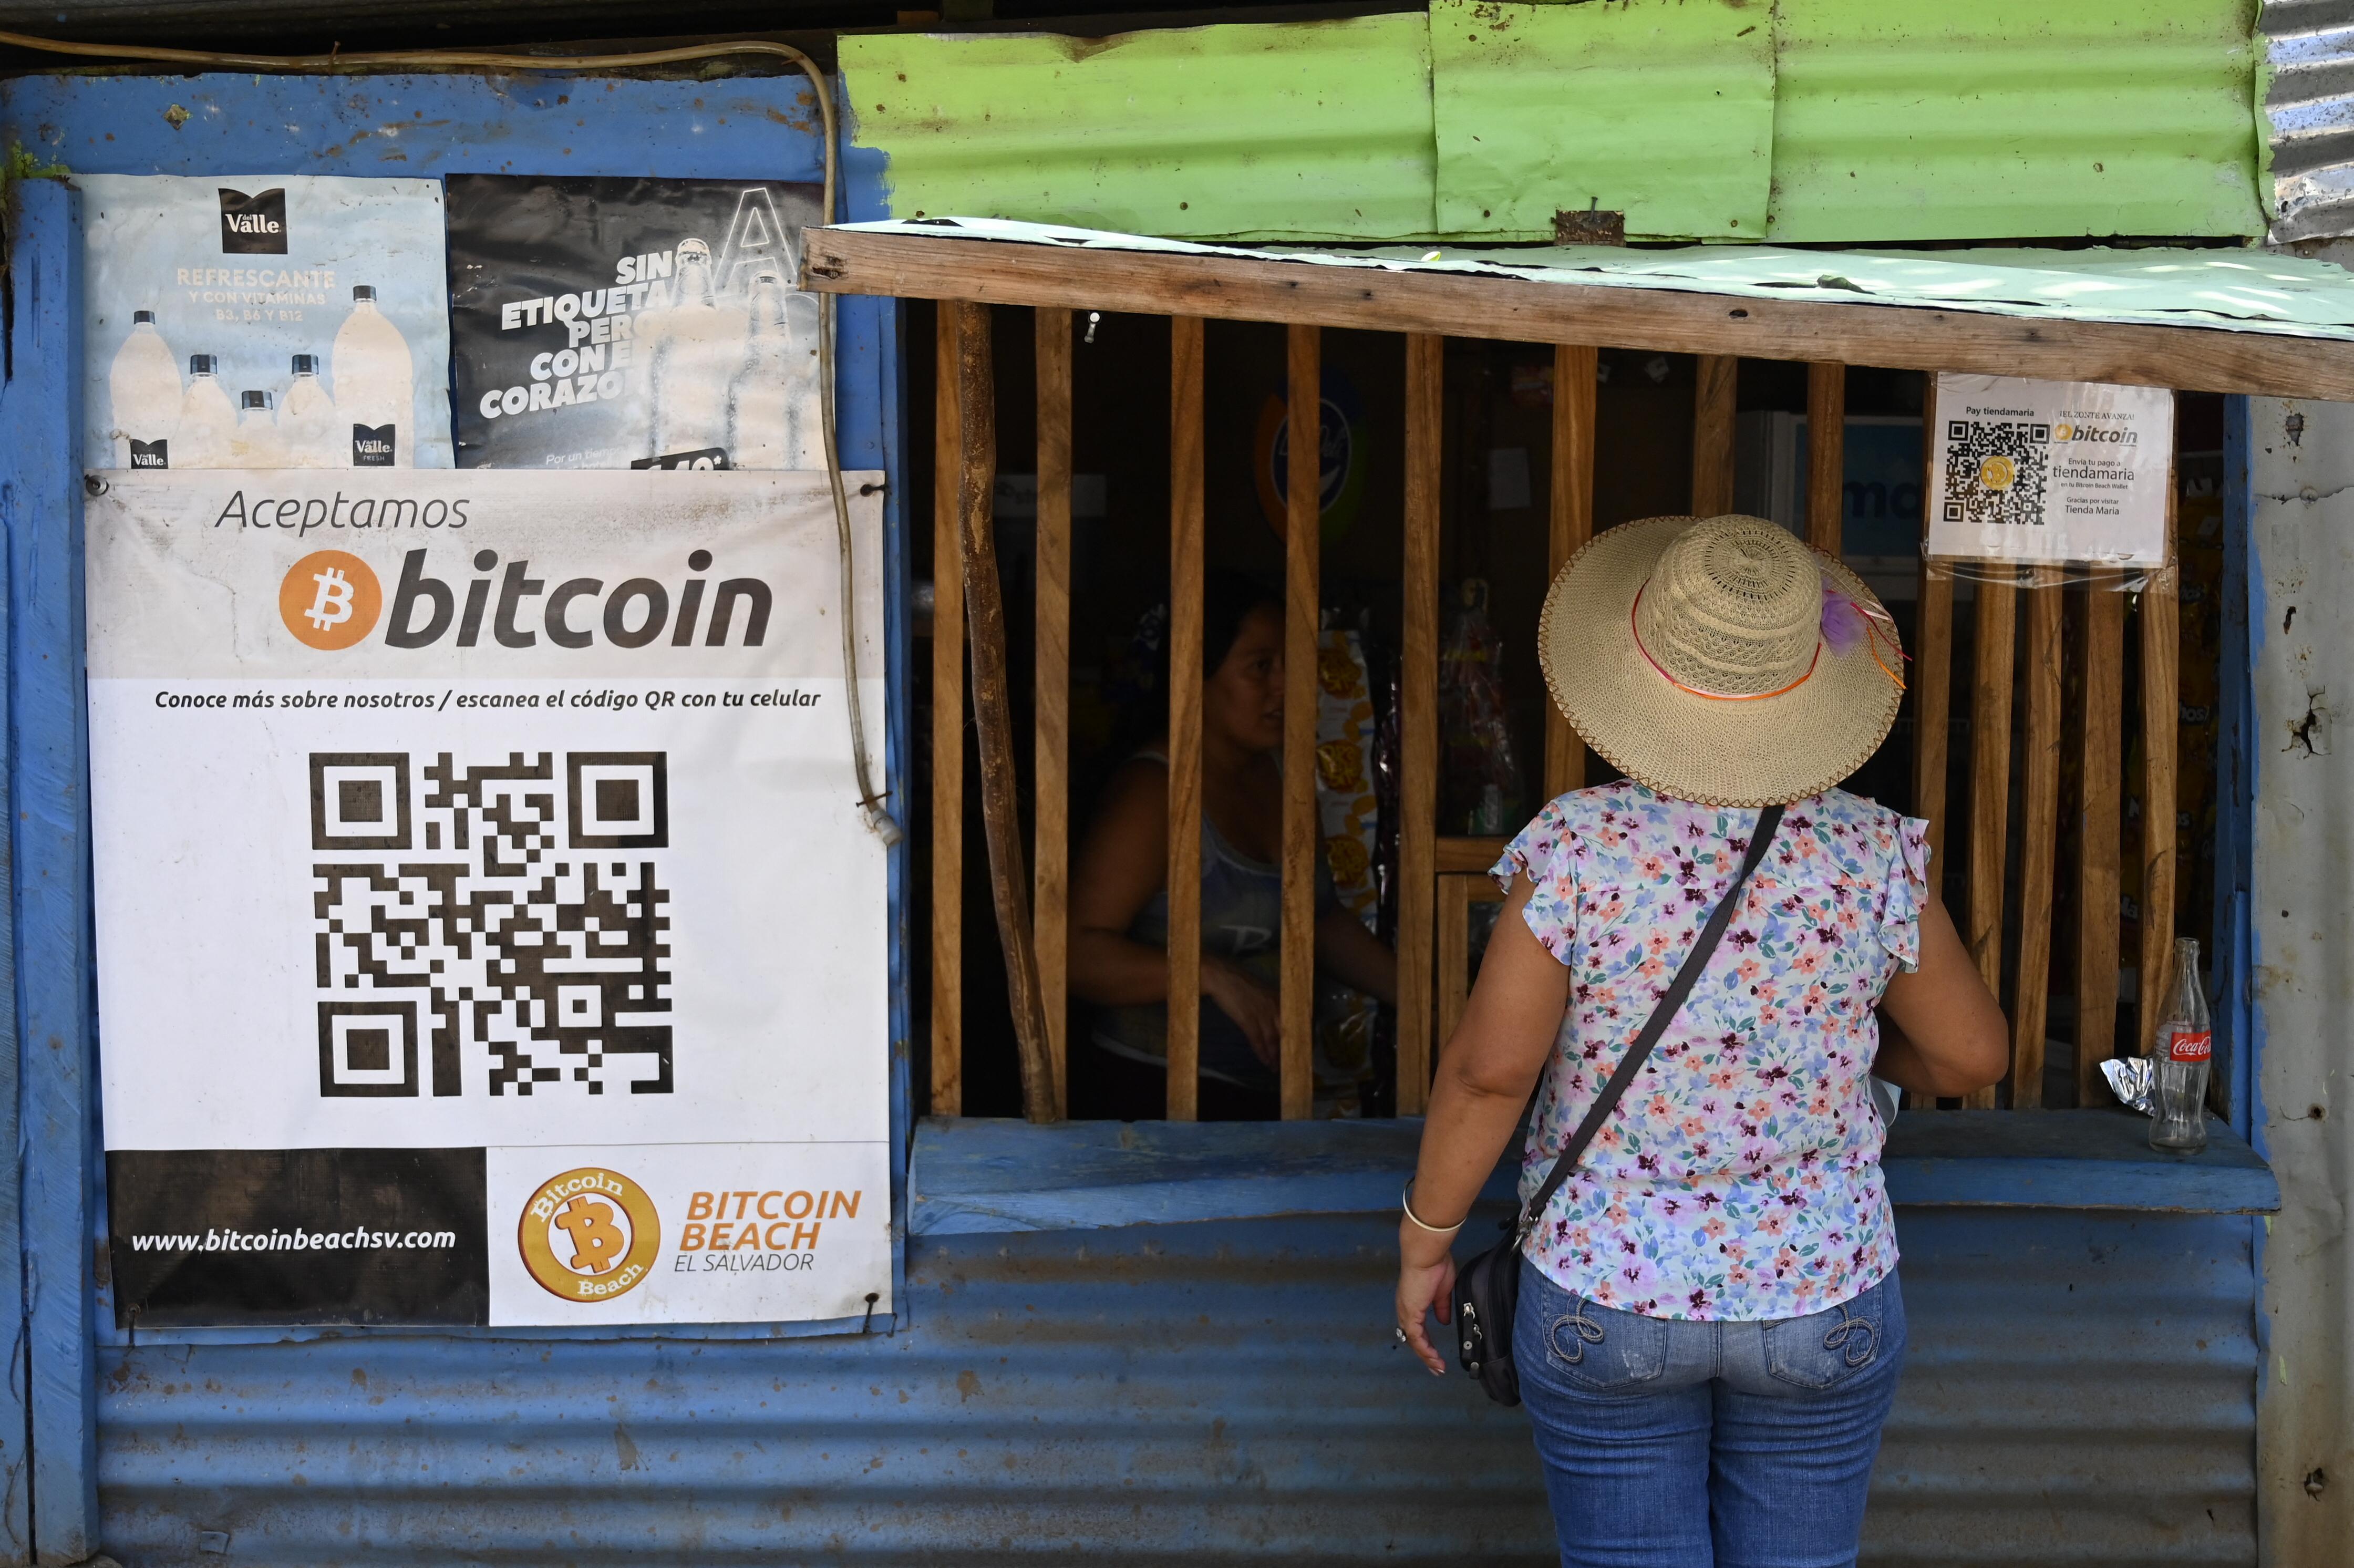 Hivatalos fizetőeszköz lett El Salvadorban a bitcoin